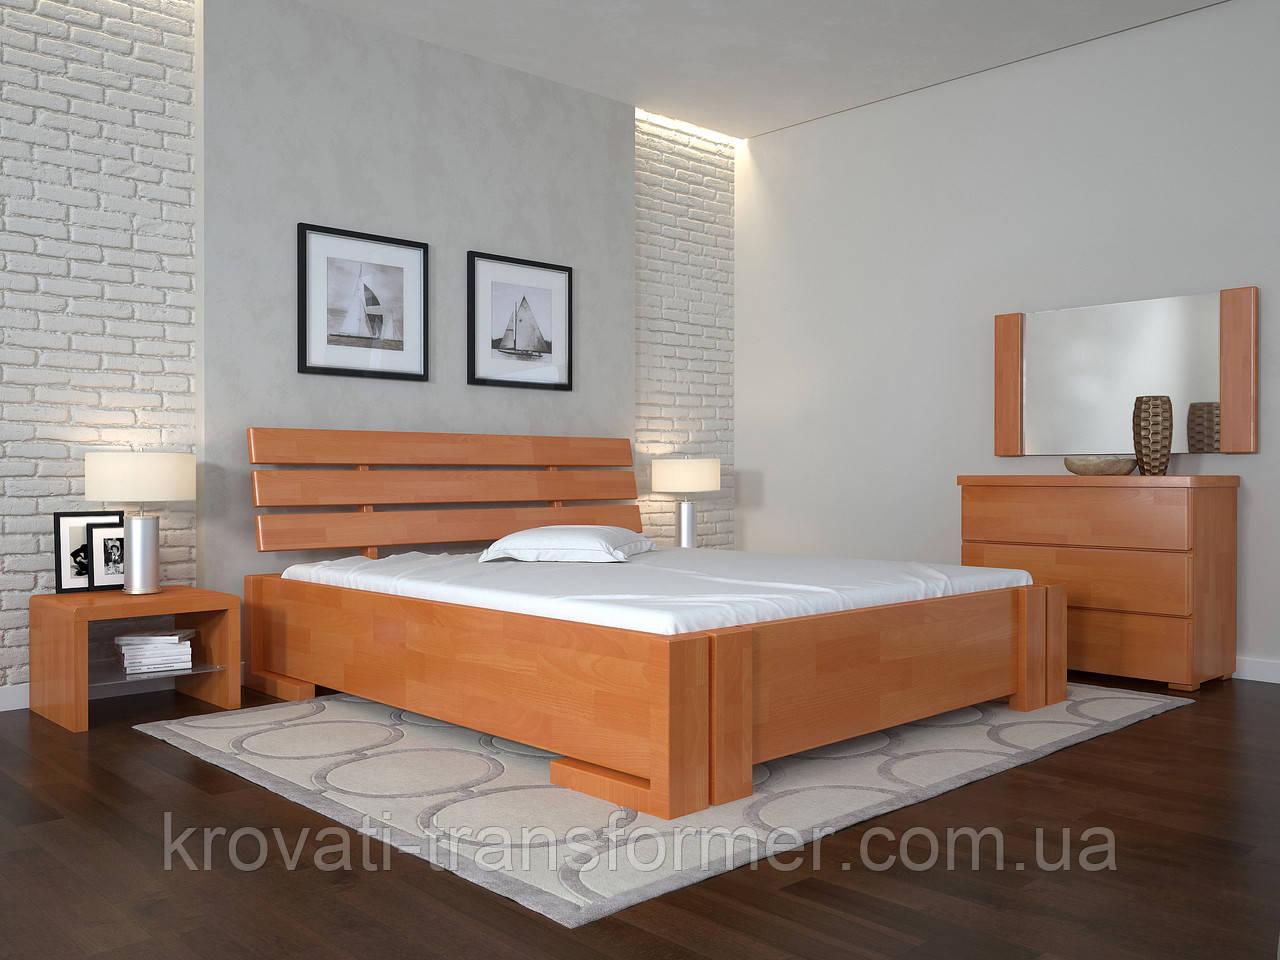 Кровать Arbordrev Домино без ПМ (180*200) сосна